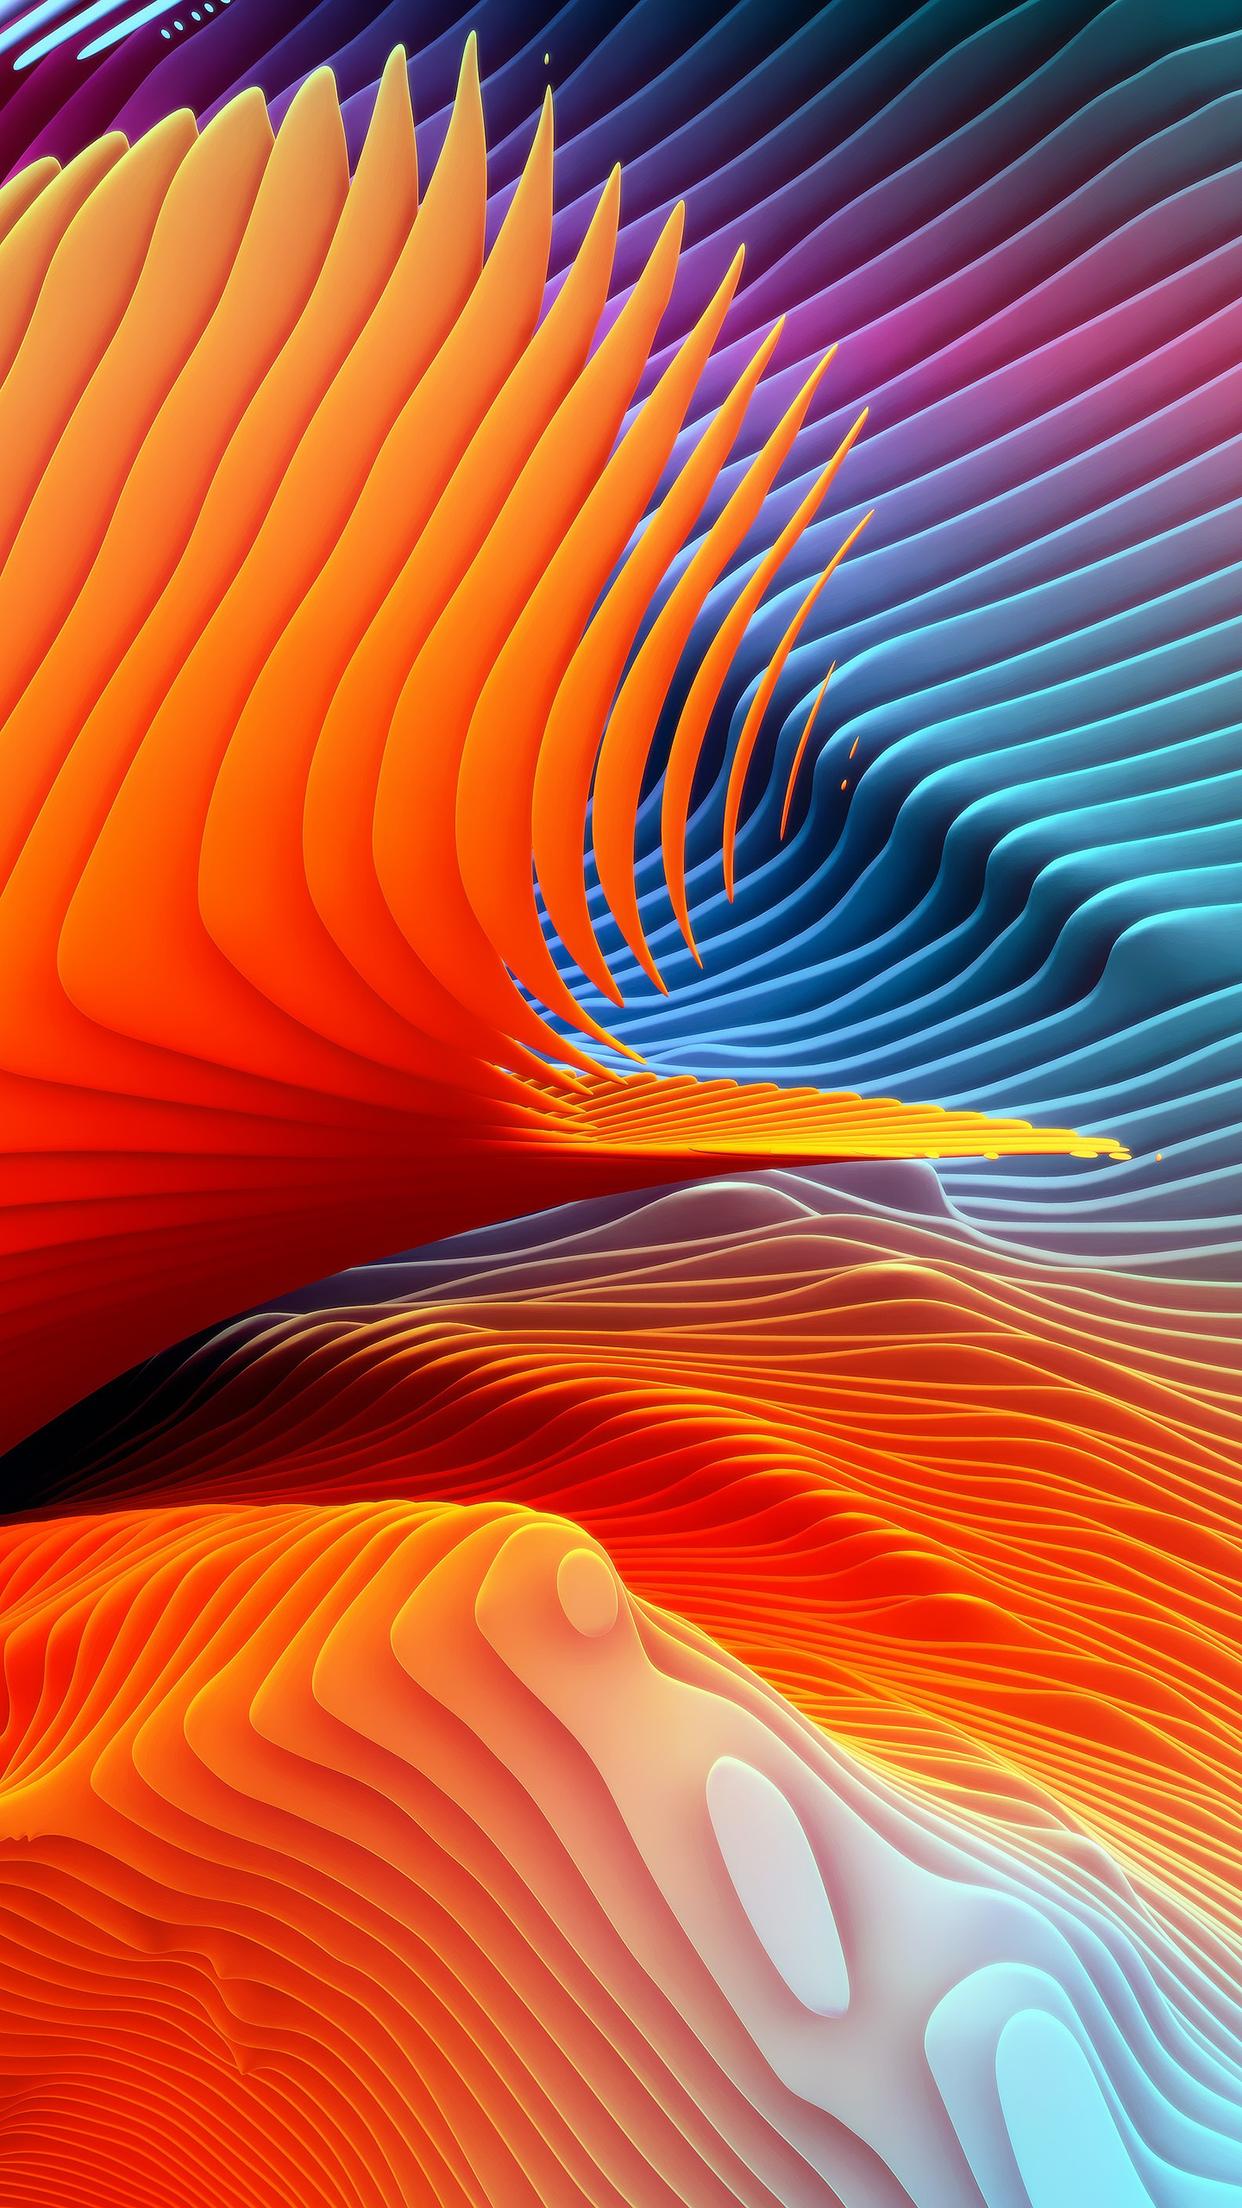 Sfondi Evento Hello Again Date Colore A Mac E Iphone Con Le